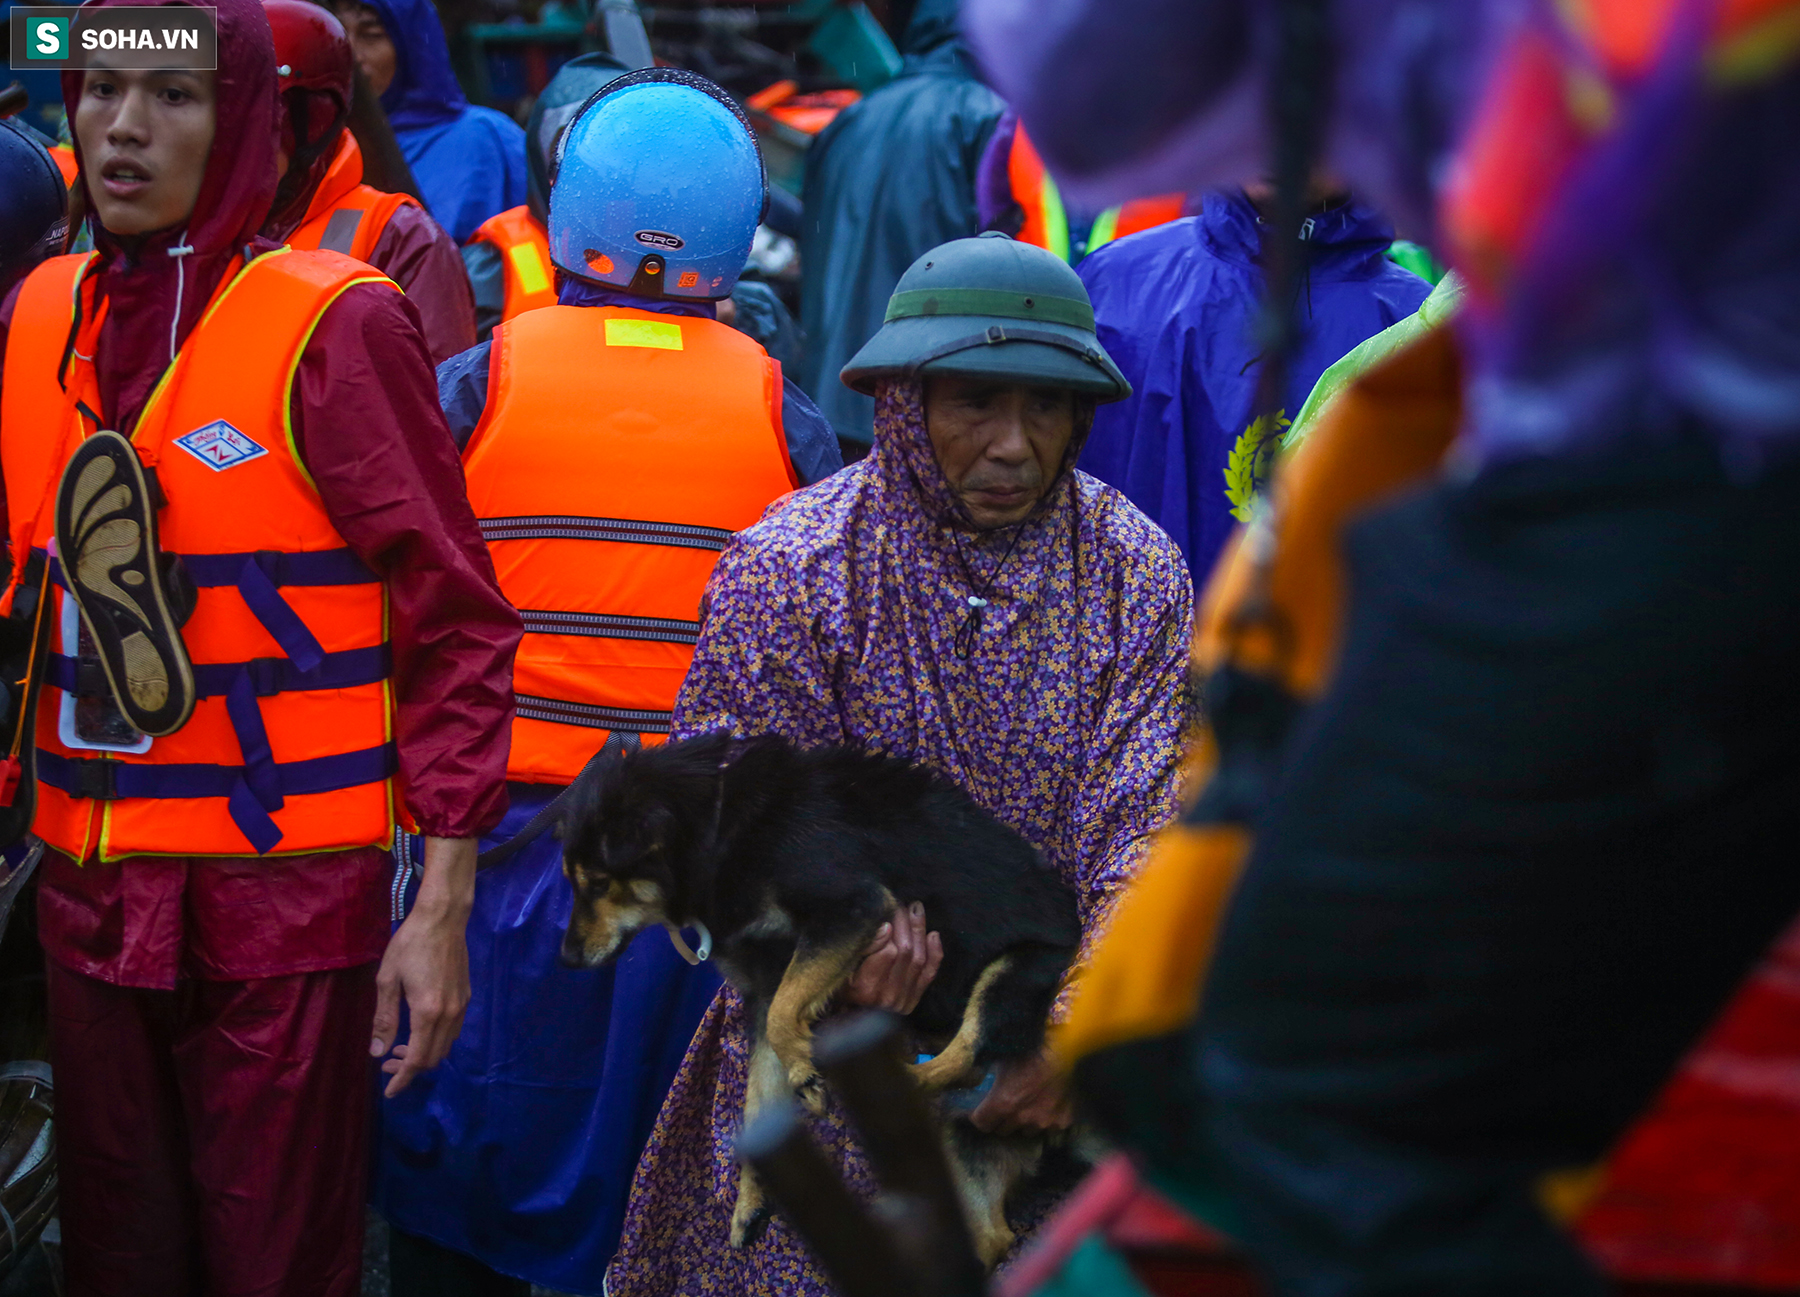 [Ảnh] Người phụ nữ ở Quảng Bình lao ra dòng nước lũ xin đồ ăn cho mẹ già bật khóc khi được cứu hộ khỏi ghe lật  - Ảnh 4.